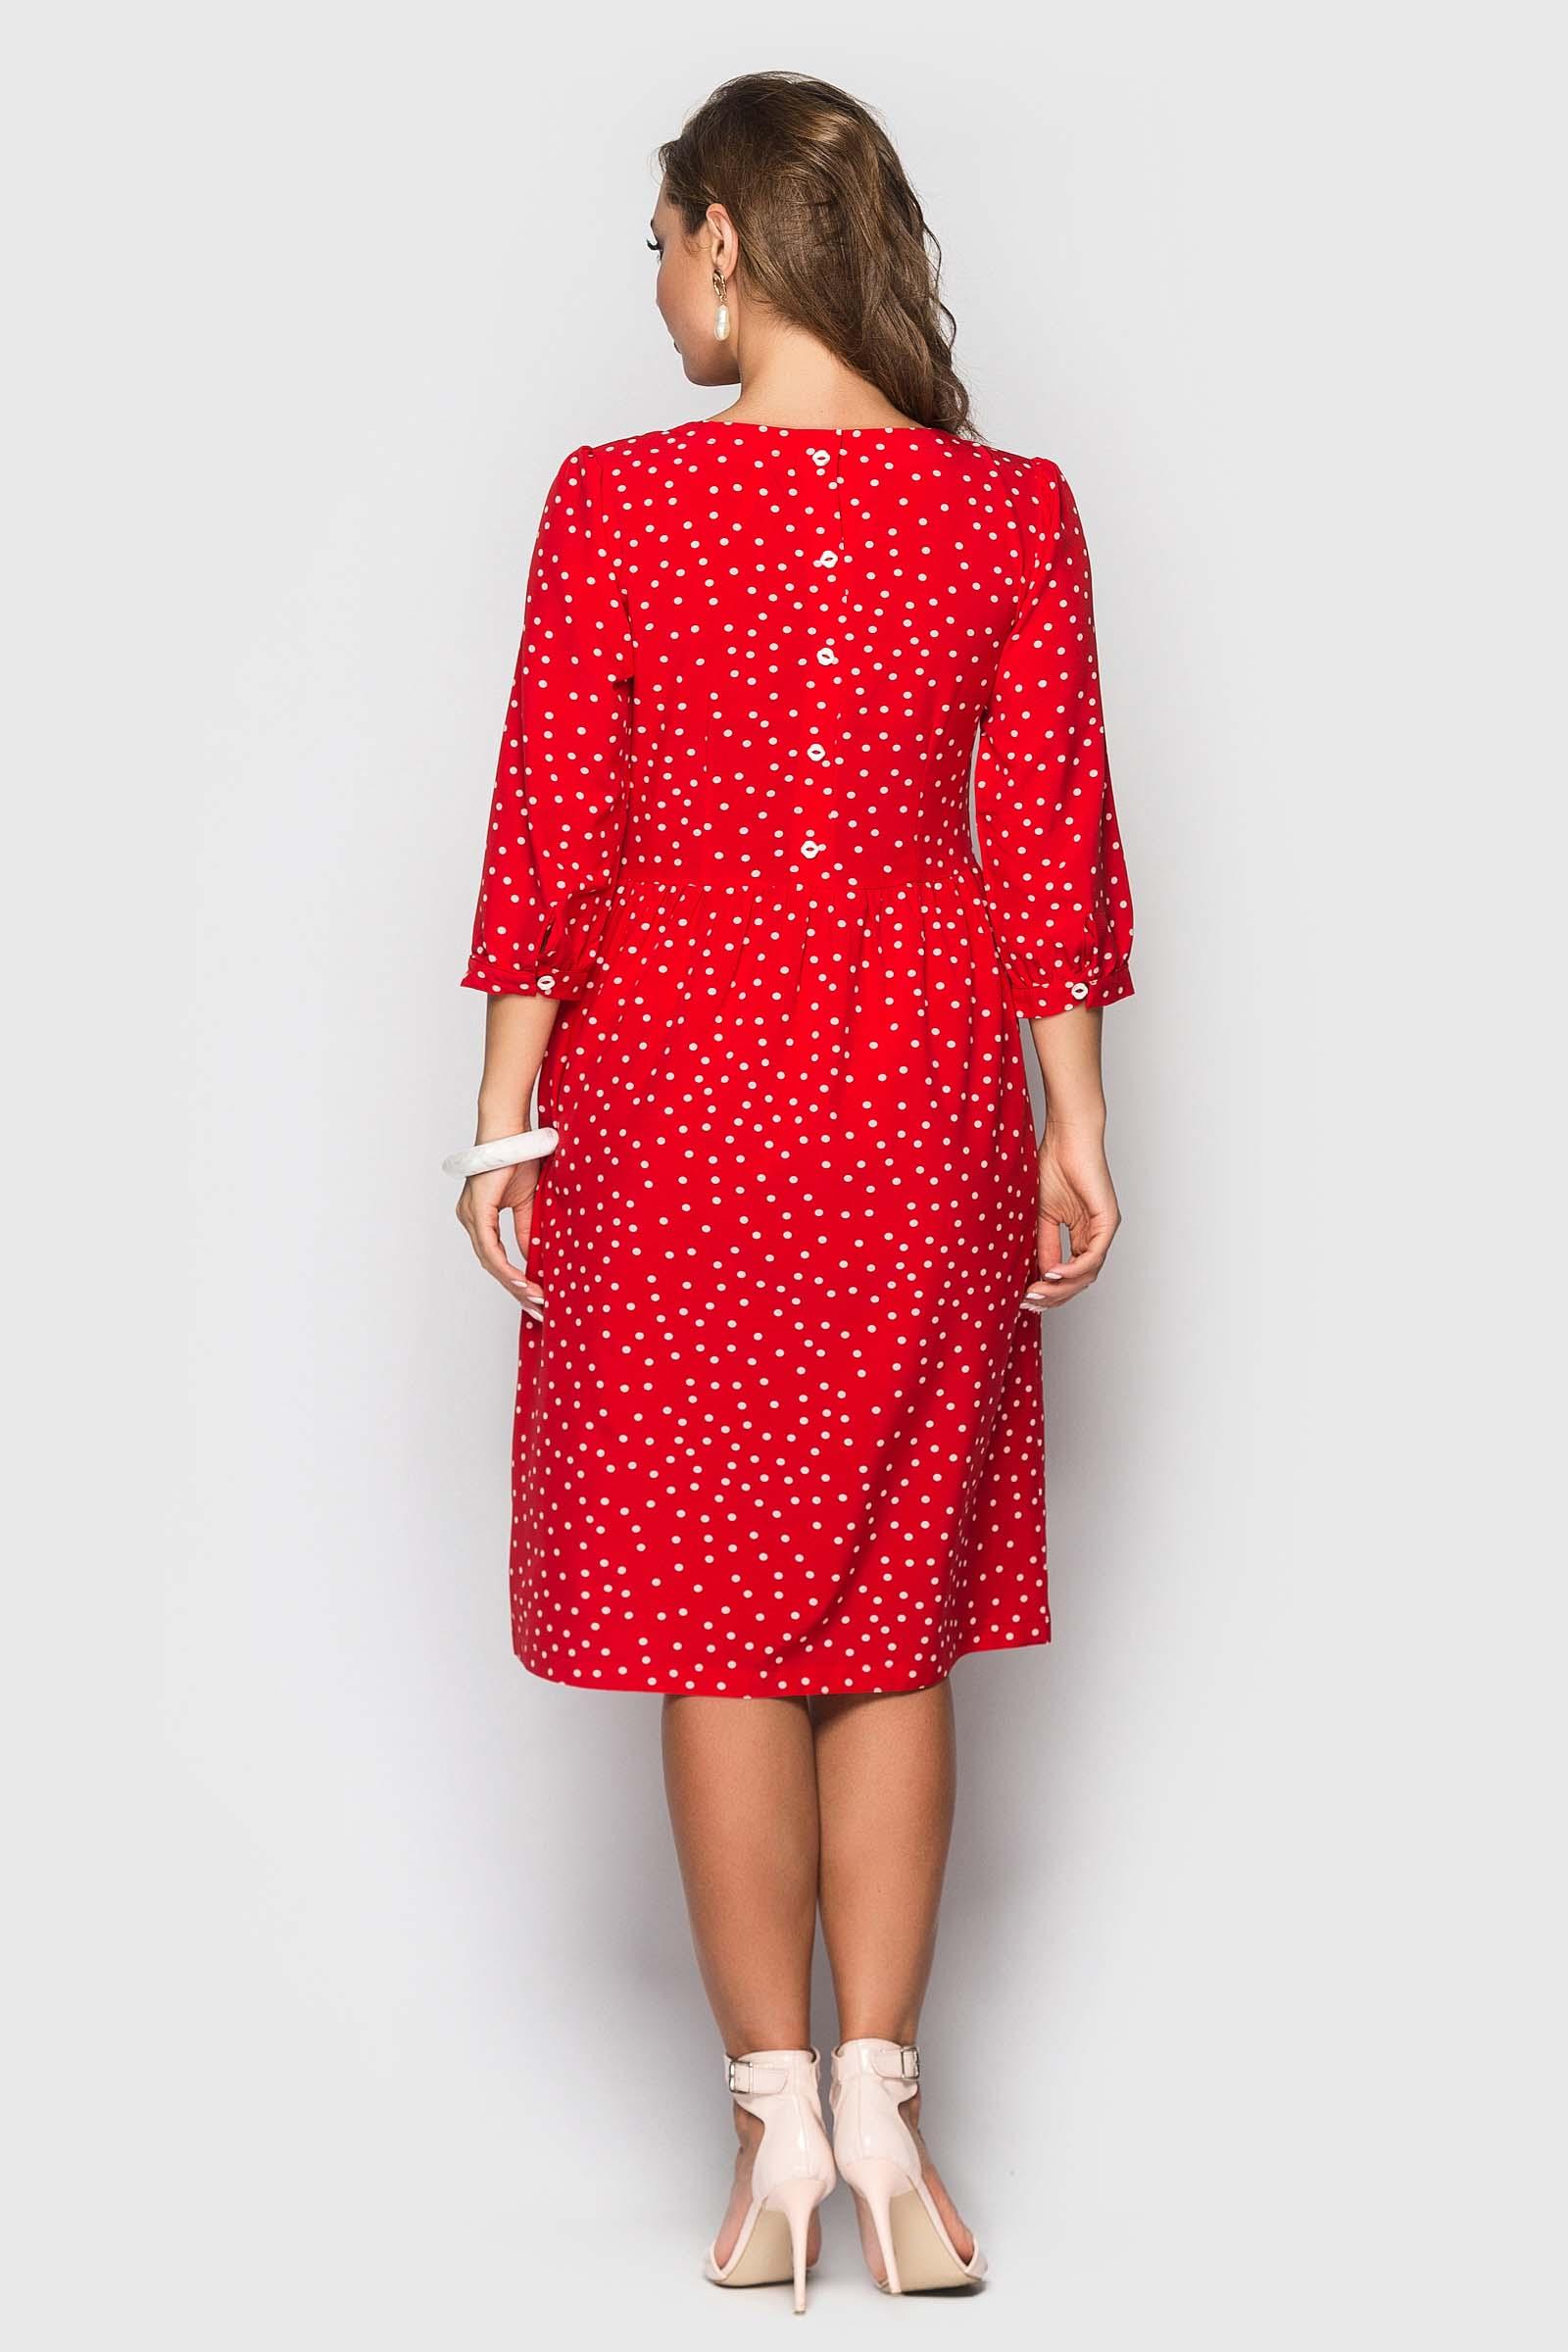 2020 01 23 337625 Купить платье